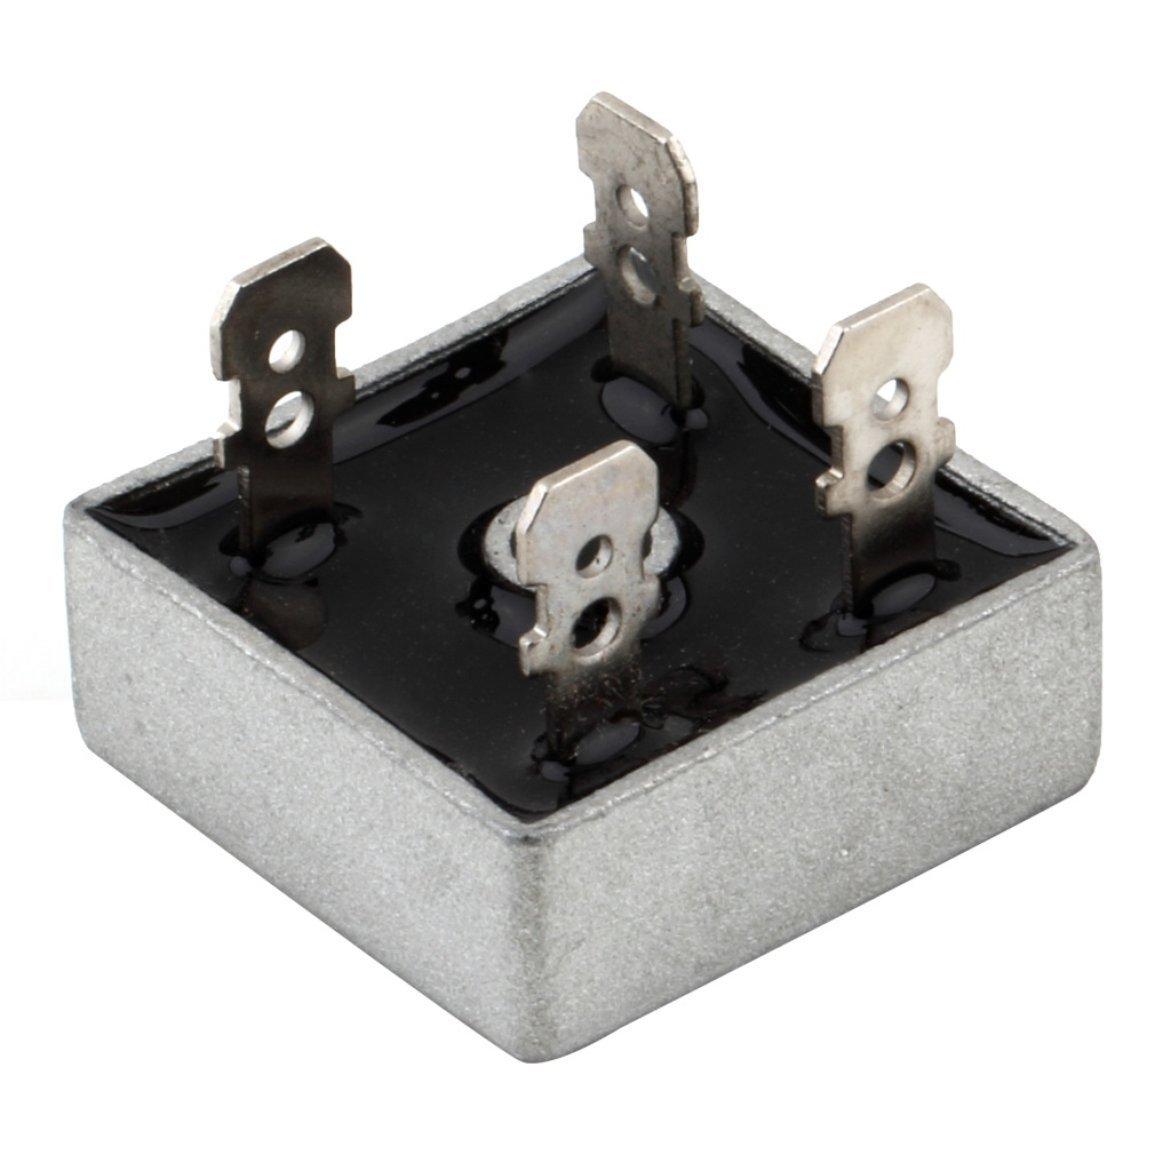 Caja metá lica KBPC5010 1.000 voltios puente rectificador de 50 amperios 50A para la disipació n de calor 1000V forma cuadrada fases individuales puente de diodos Fantasyworld